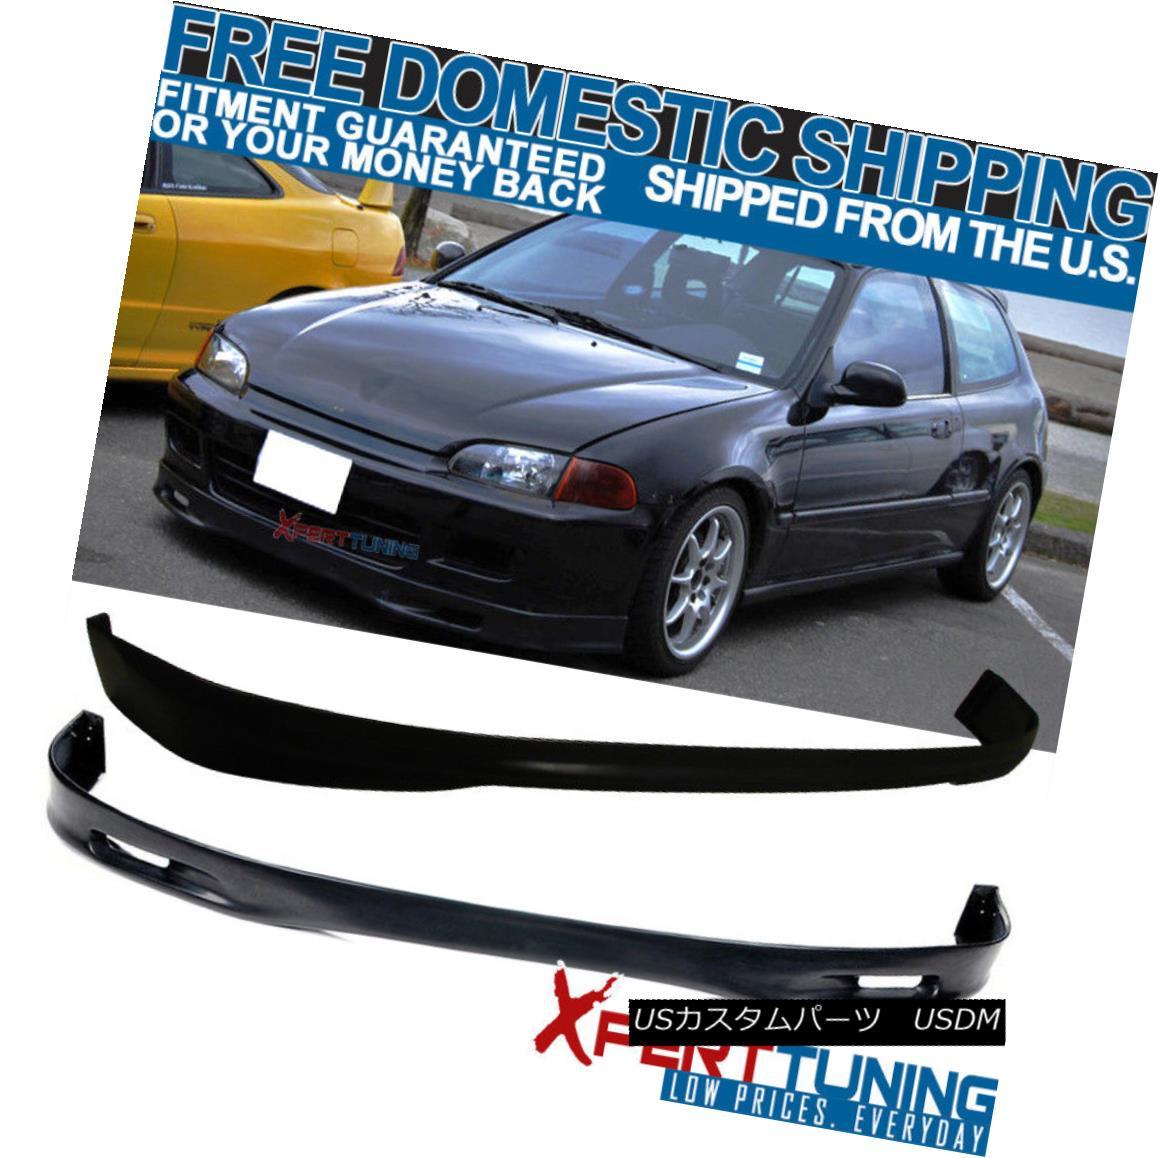 エアロパーツ Fits 1992-1995 Honda Civic EG 3Dr Urethane SP Front + Rear Bumper Lip Bodykit フィット1992-1995ホンダシビックEG 3DrウレタンSPフロント+リアバンパーリップボディキット